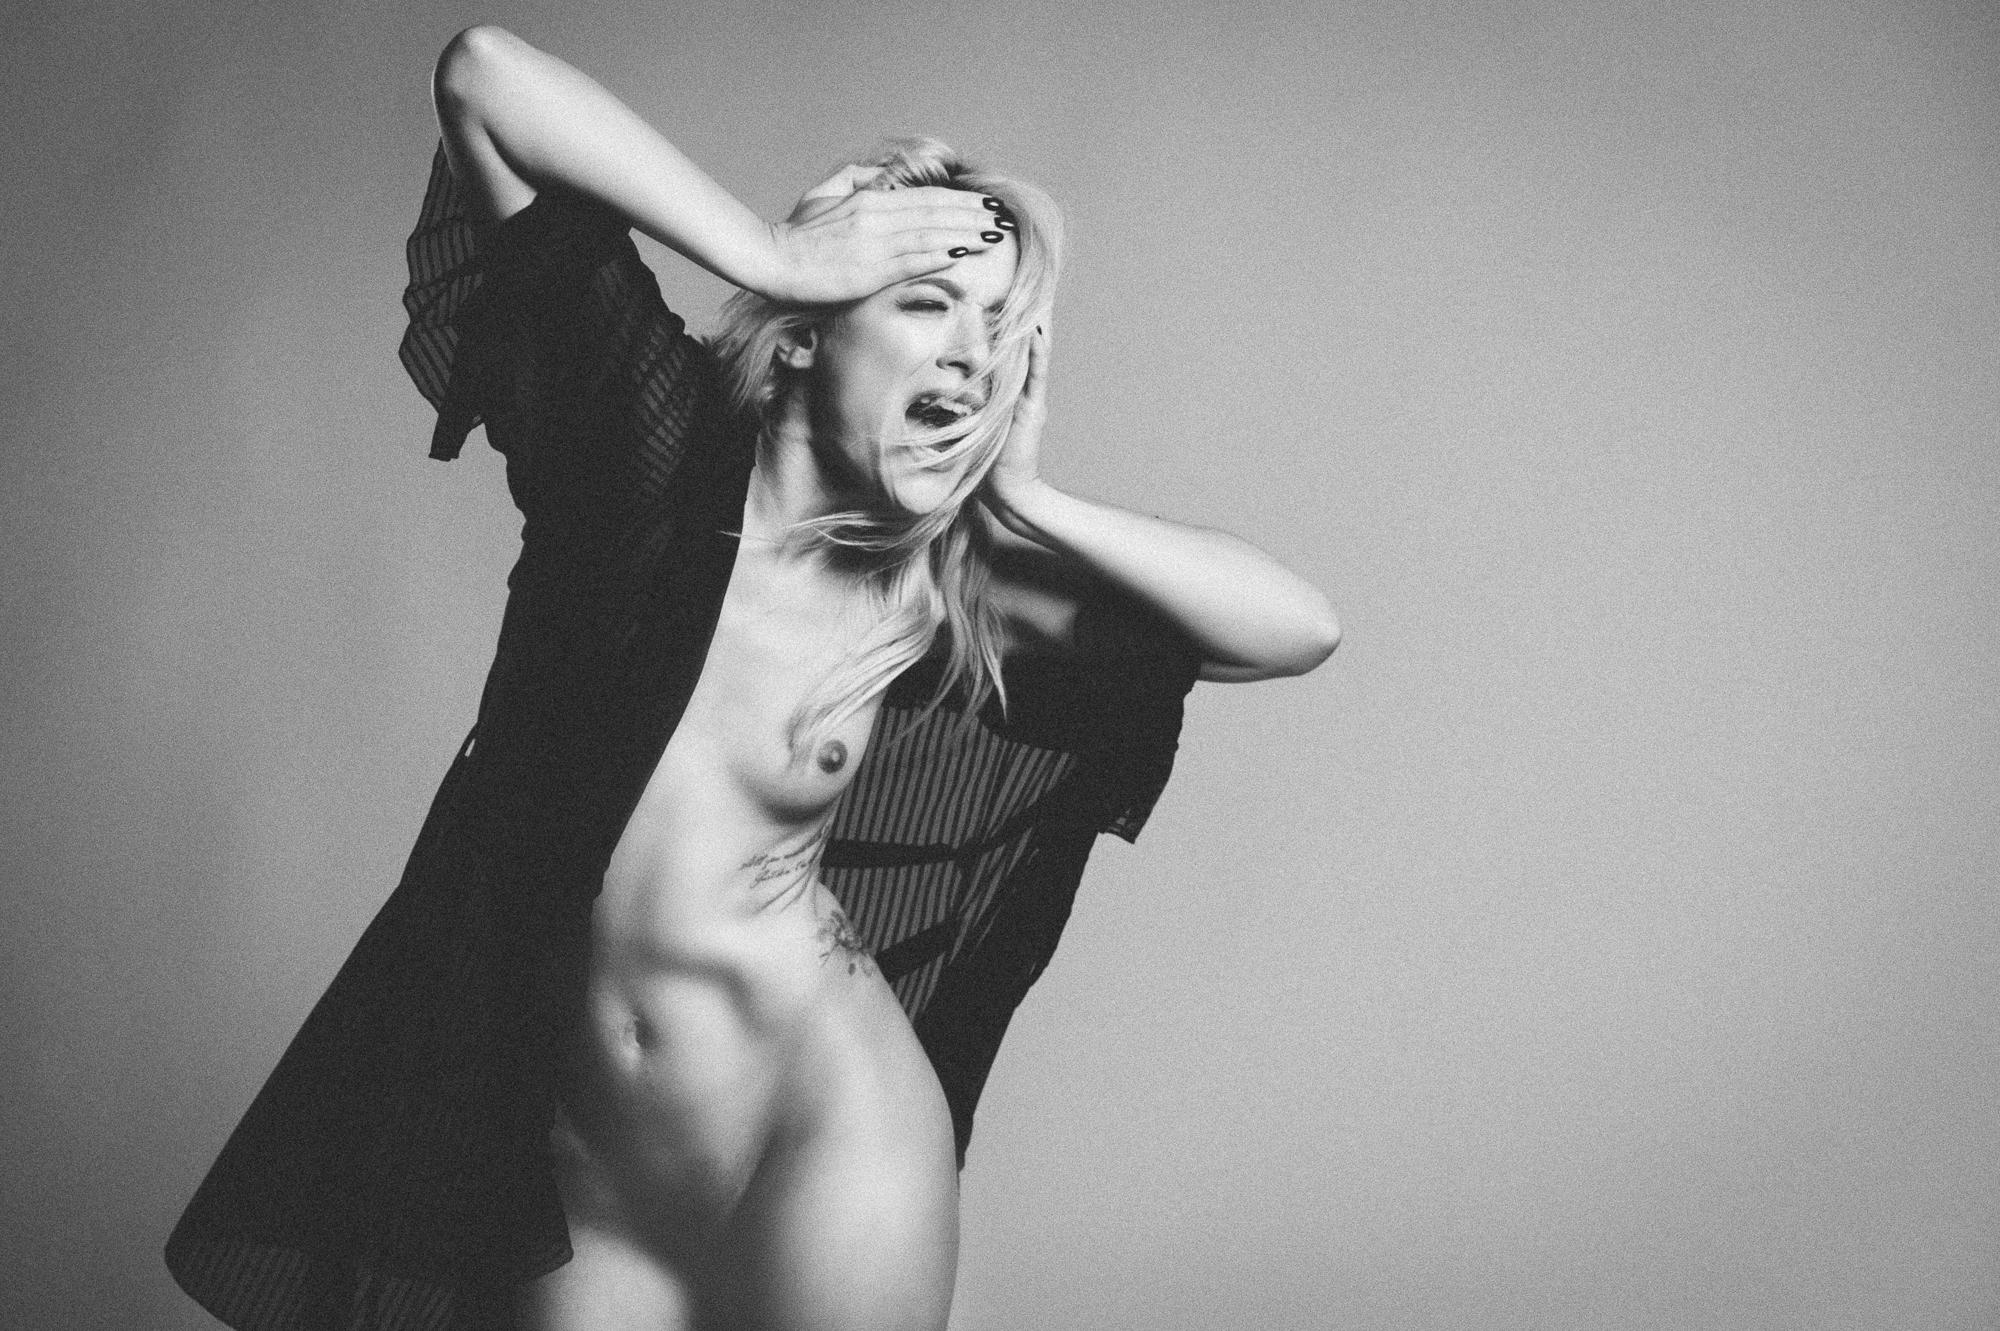 fotograf nud constanta (14)